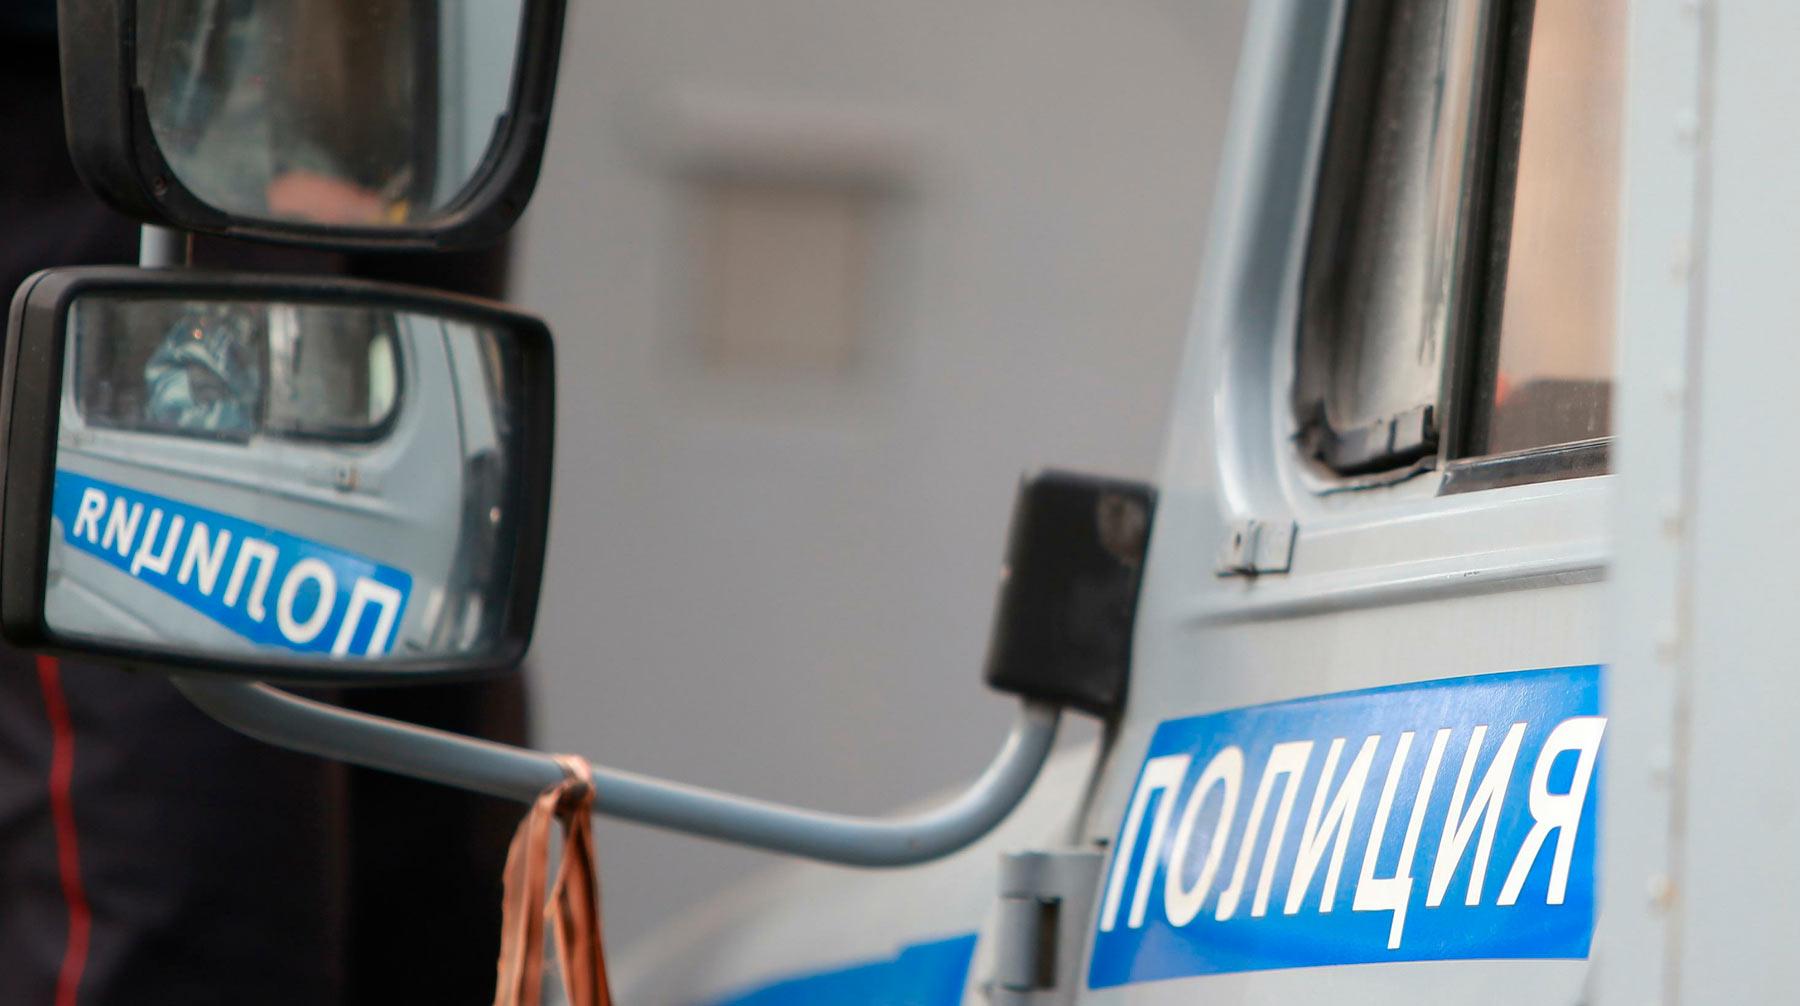 Младенца выбросили в окно 13-го этажа, следователи возбудили уголовное дело об убийстве Фото: © Global Look Press / Dmitry Golubovich